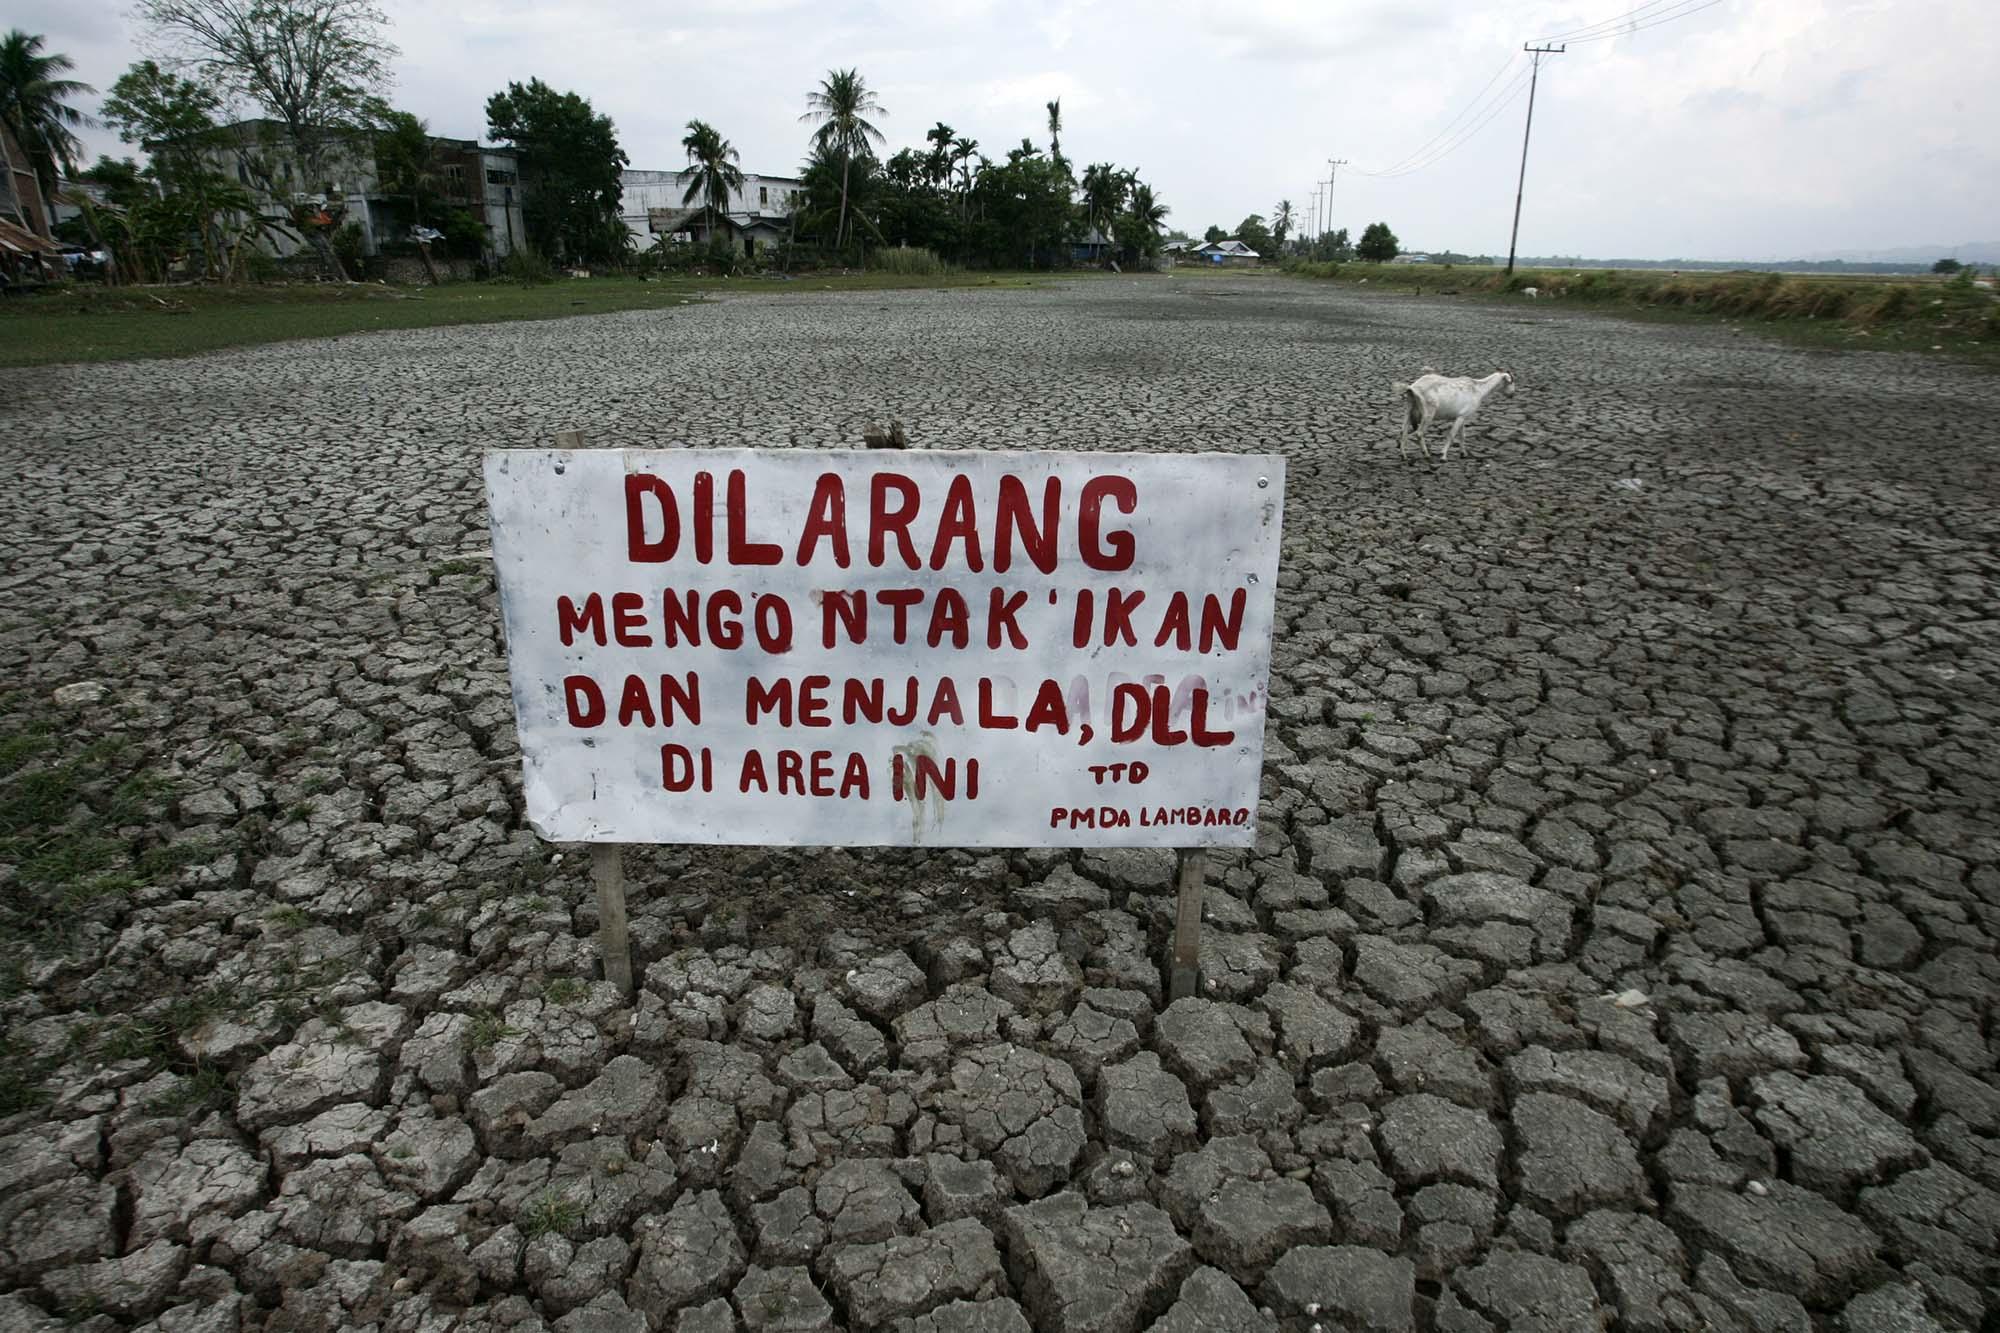 Kolam ikan di Kecamatan Ingin Jaya, Kabupaten Aceh Besar, ini kering akibat kemarau panjang yang melanda Aceh dalam delapan bulan terakhir. Foto: Junaidi Hanafiah.